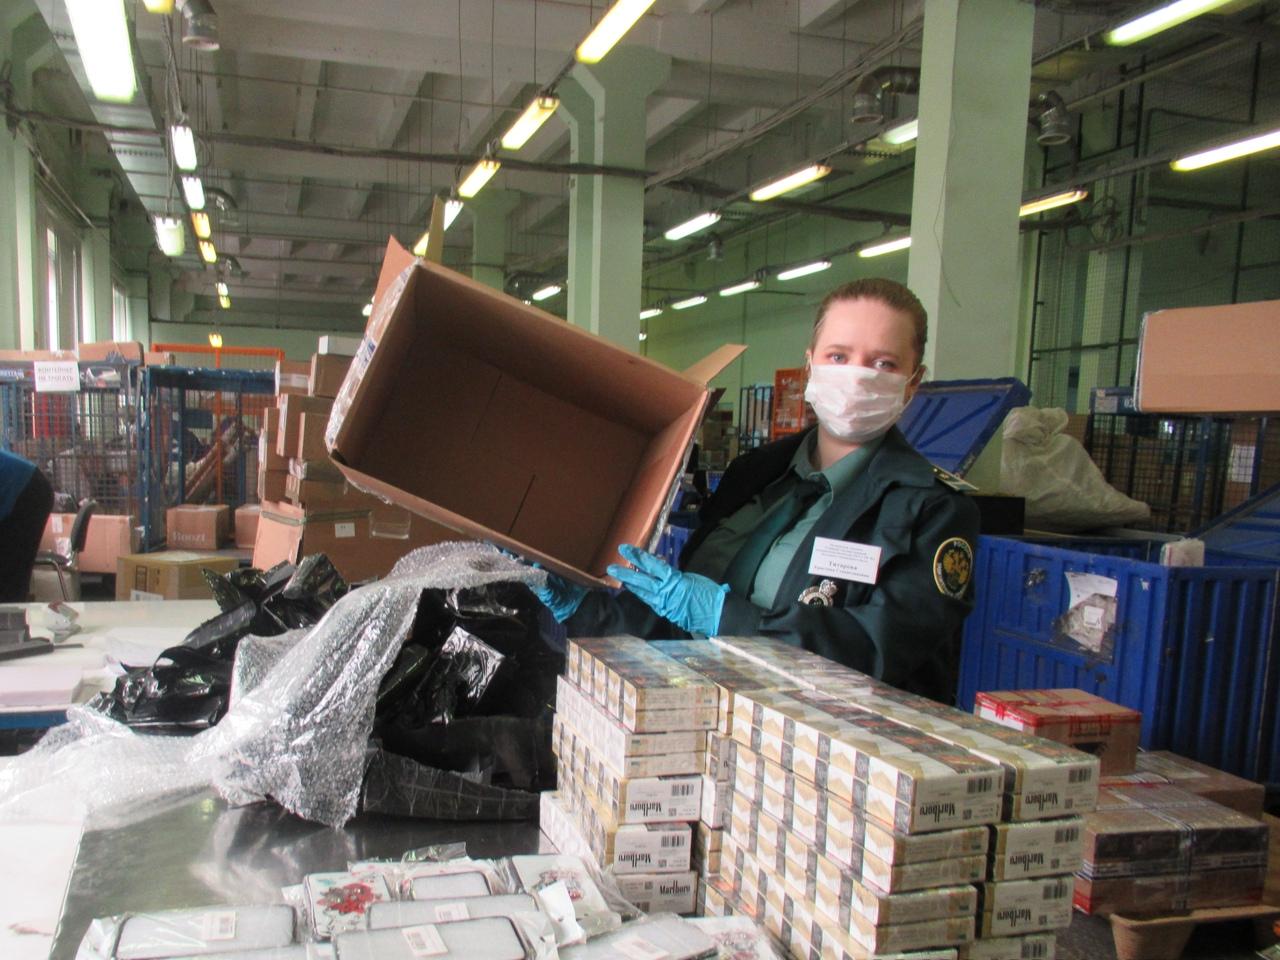 Пулковская таможня не пропустила незадекларированные «подарки» в сторону адресата В один день сразу...